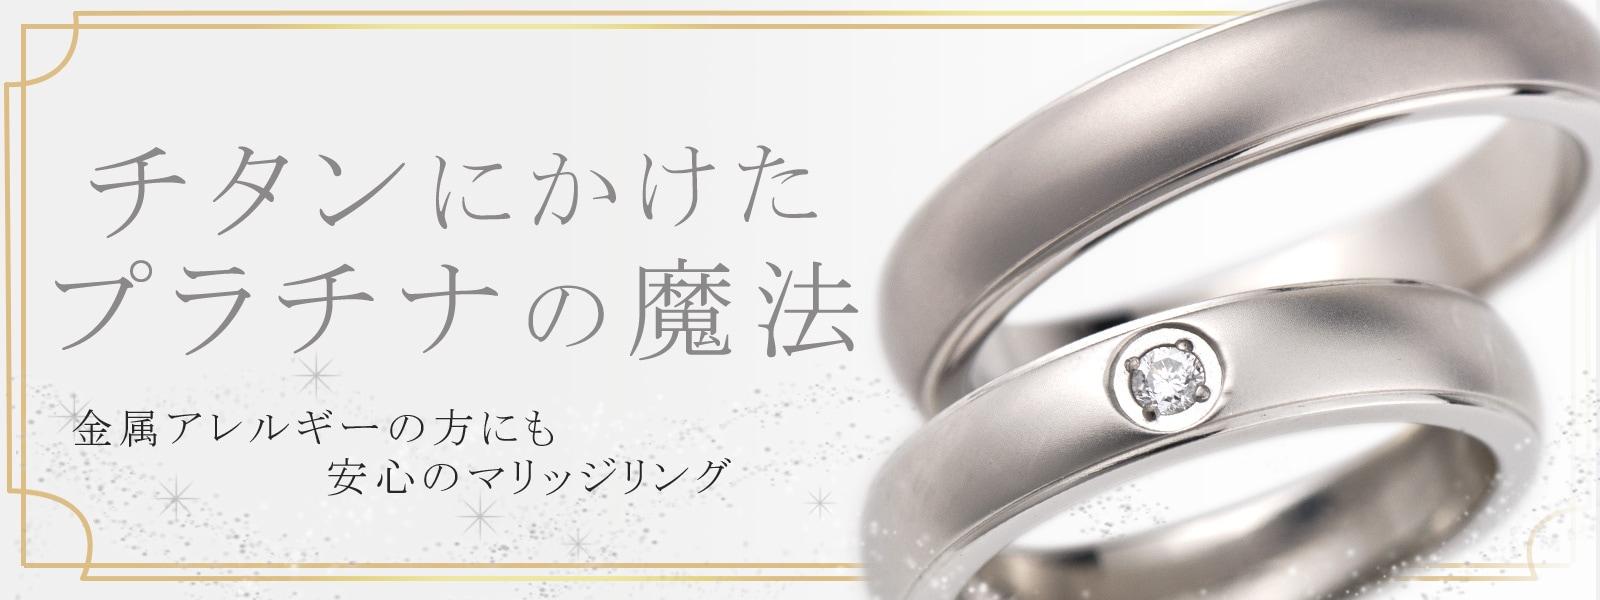 純チタン マリッジリング 結婚指輪